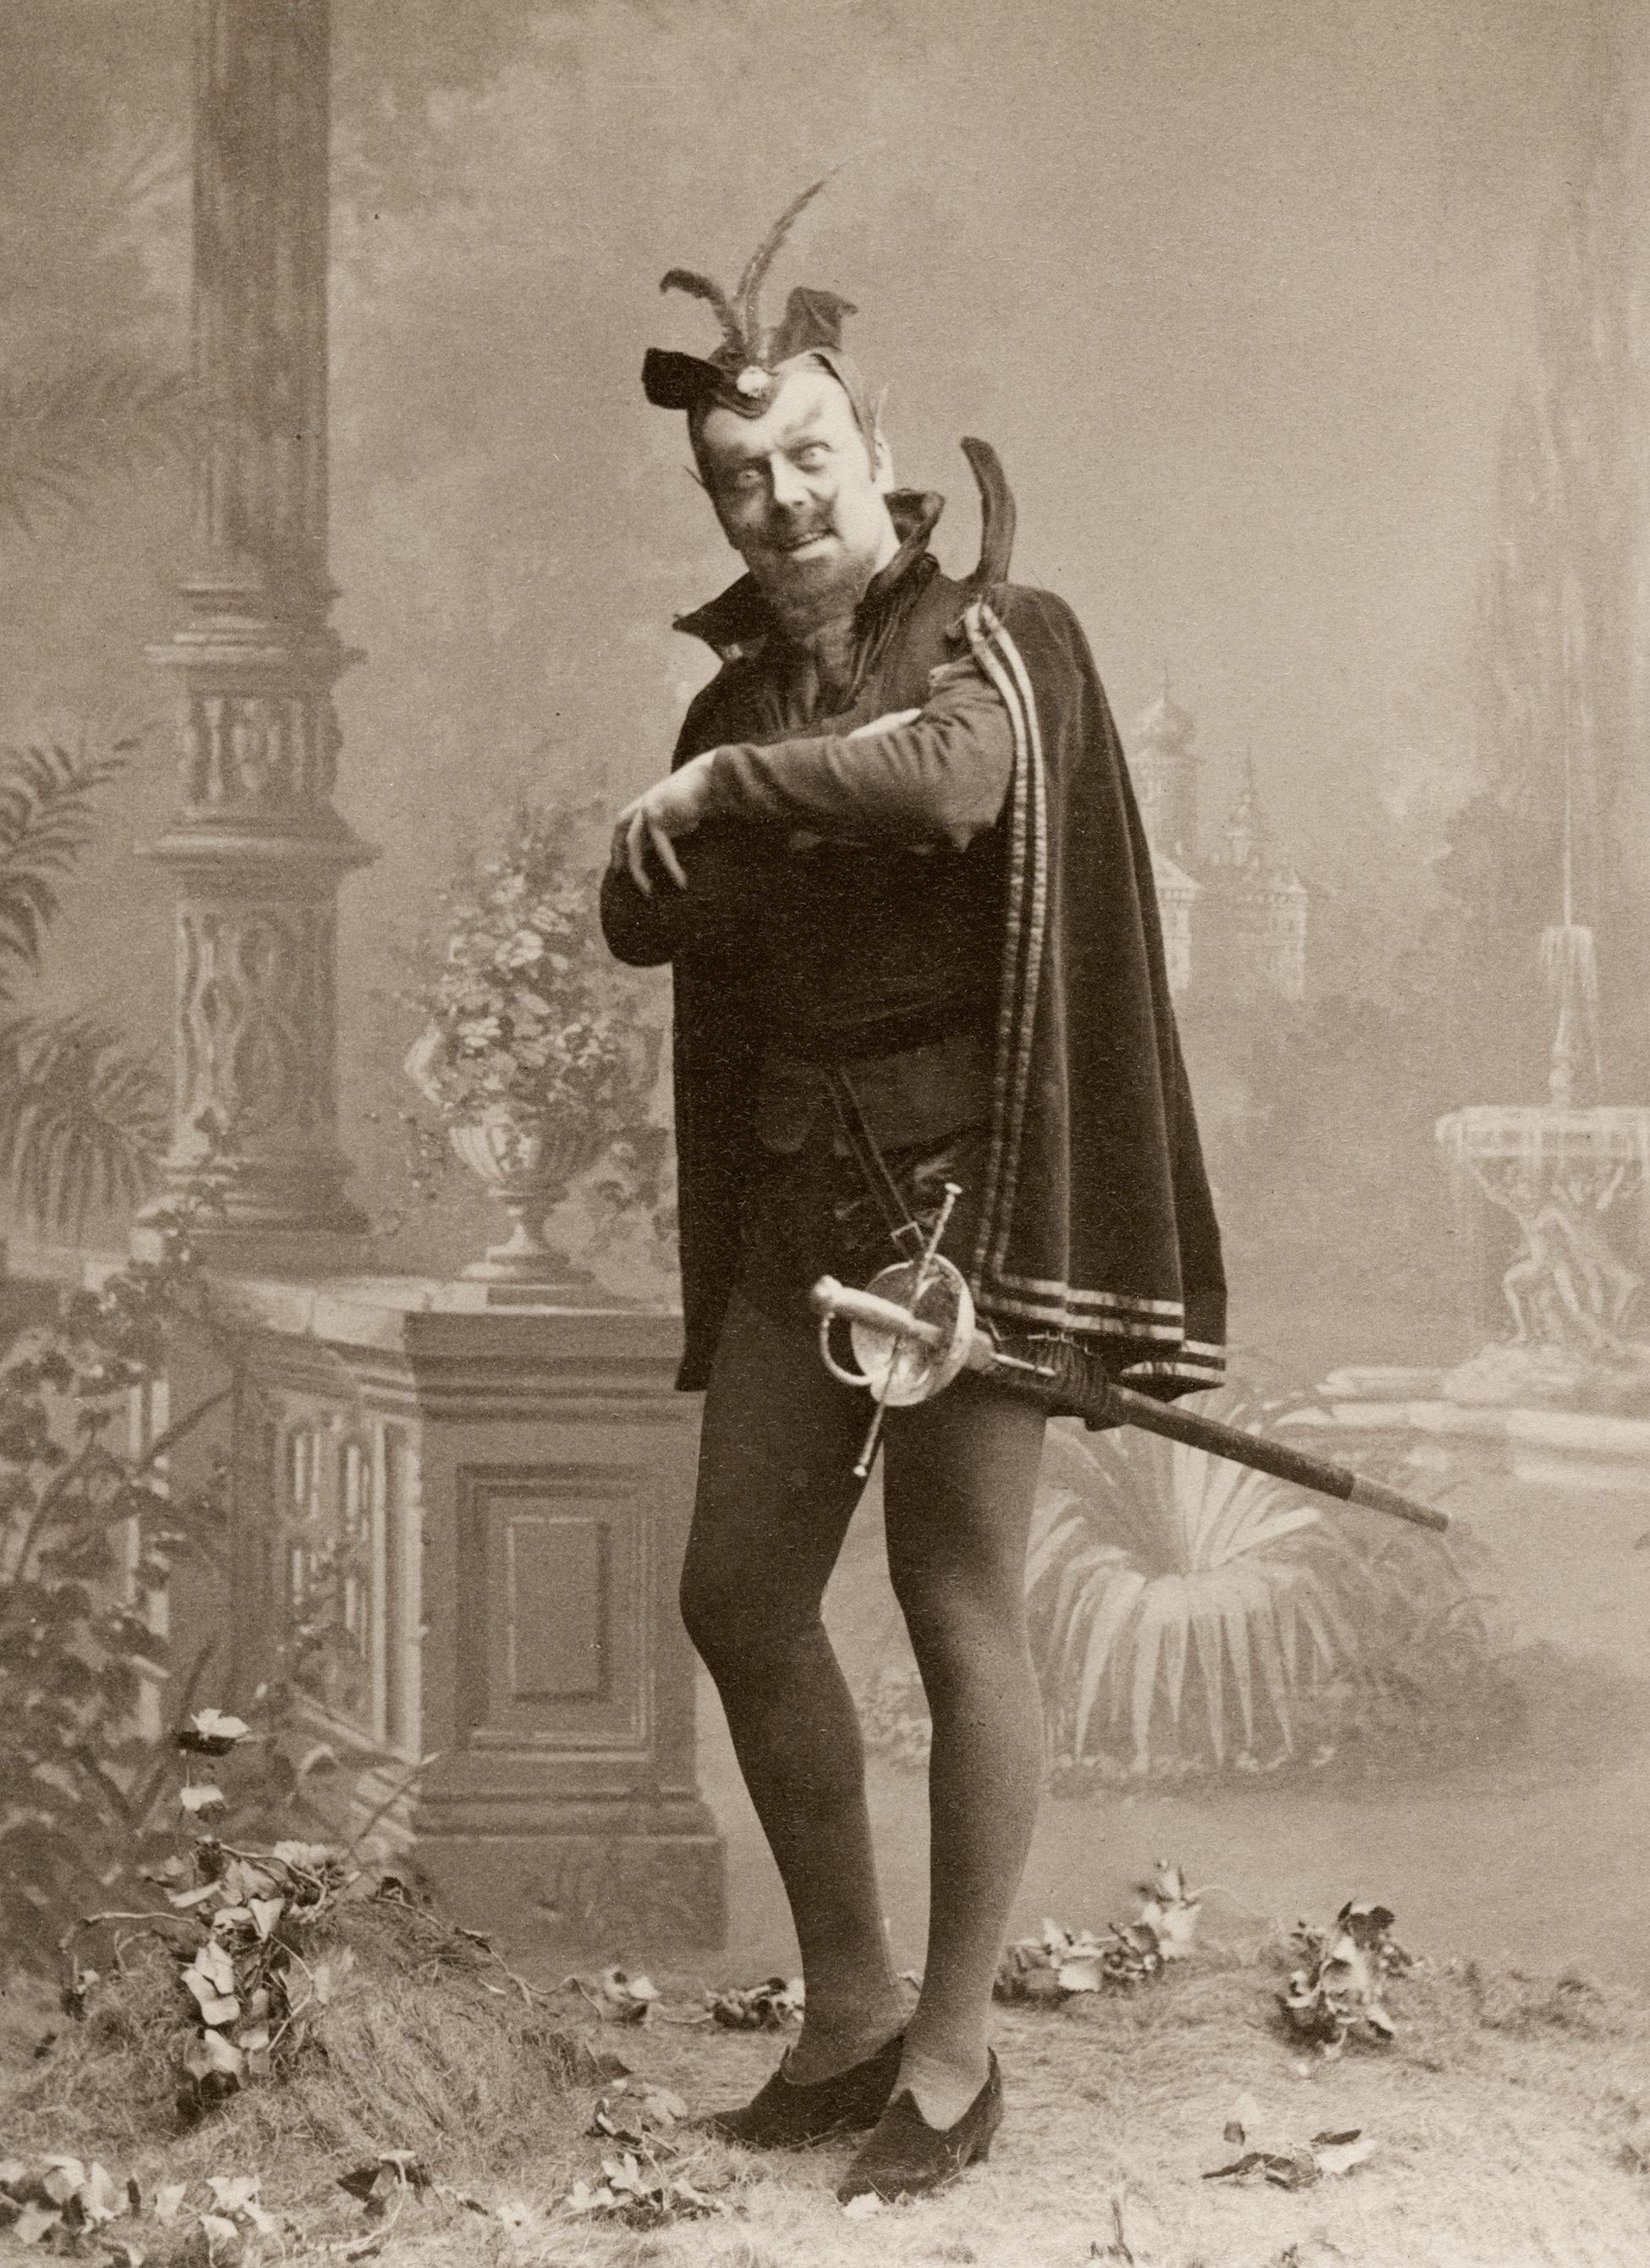 Der schwedische Sänger Carl Söderman als Mefistofele, 188